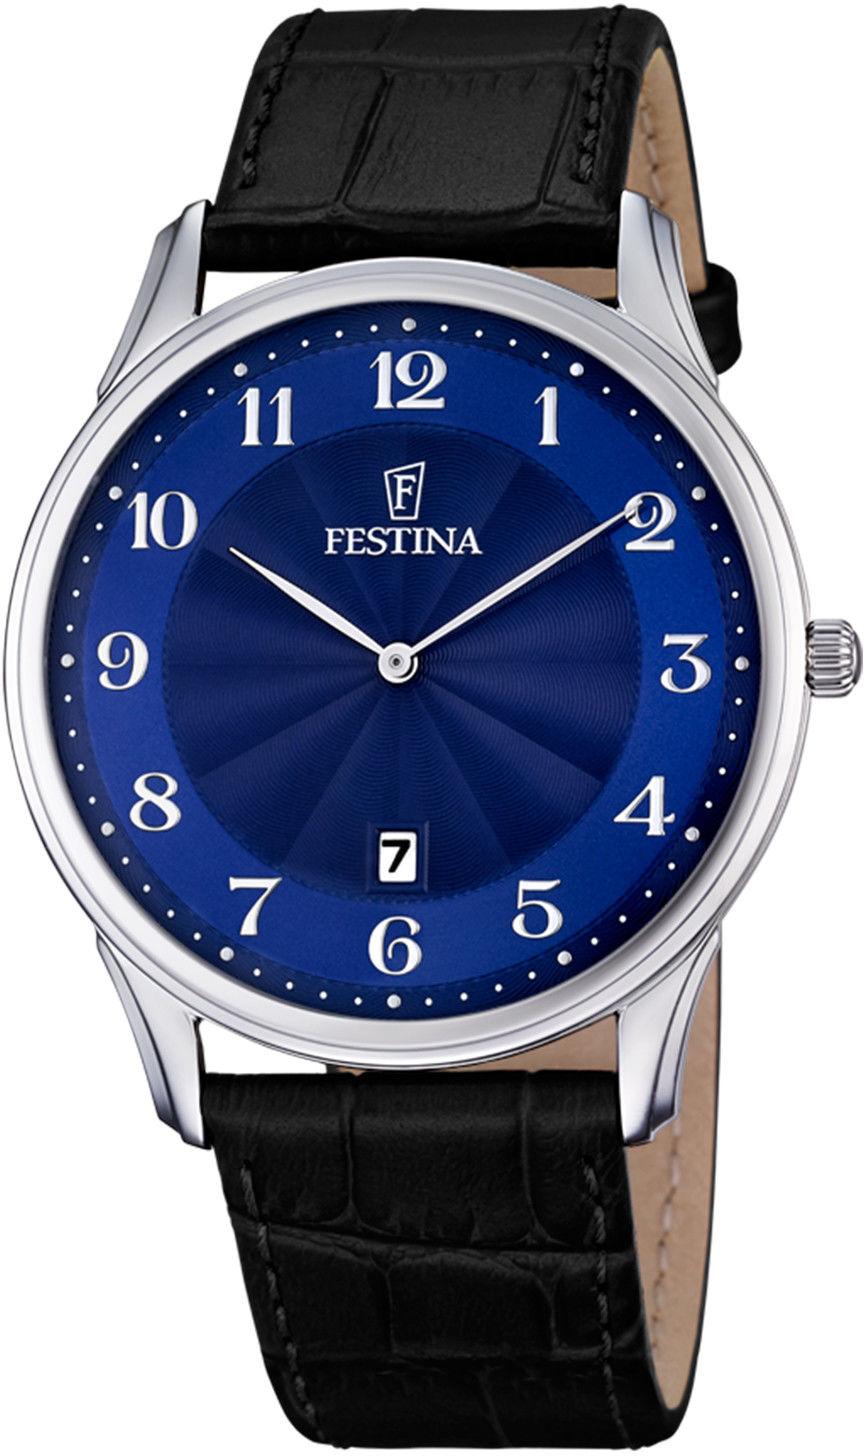 Zegarek Festina F6851-3 Classic - CENA DO NEGOCJACJI - DOSTAWA DHL GRATIS, KUPUJ BEZ RYZYKA - 100 dni na zwrot, możliwość wygrawerowania dowolnego tekstu.